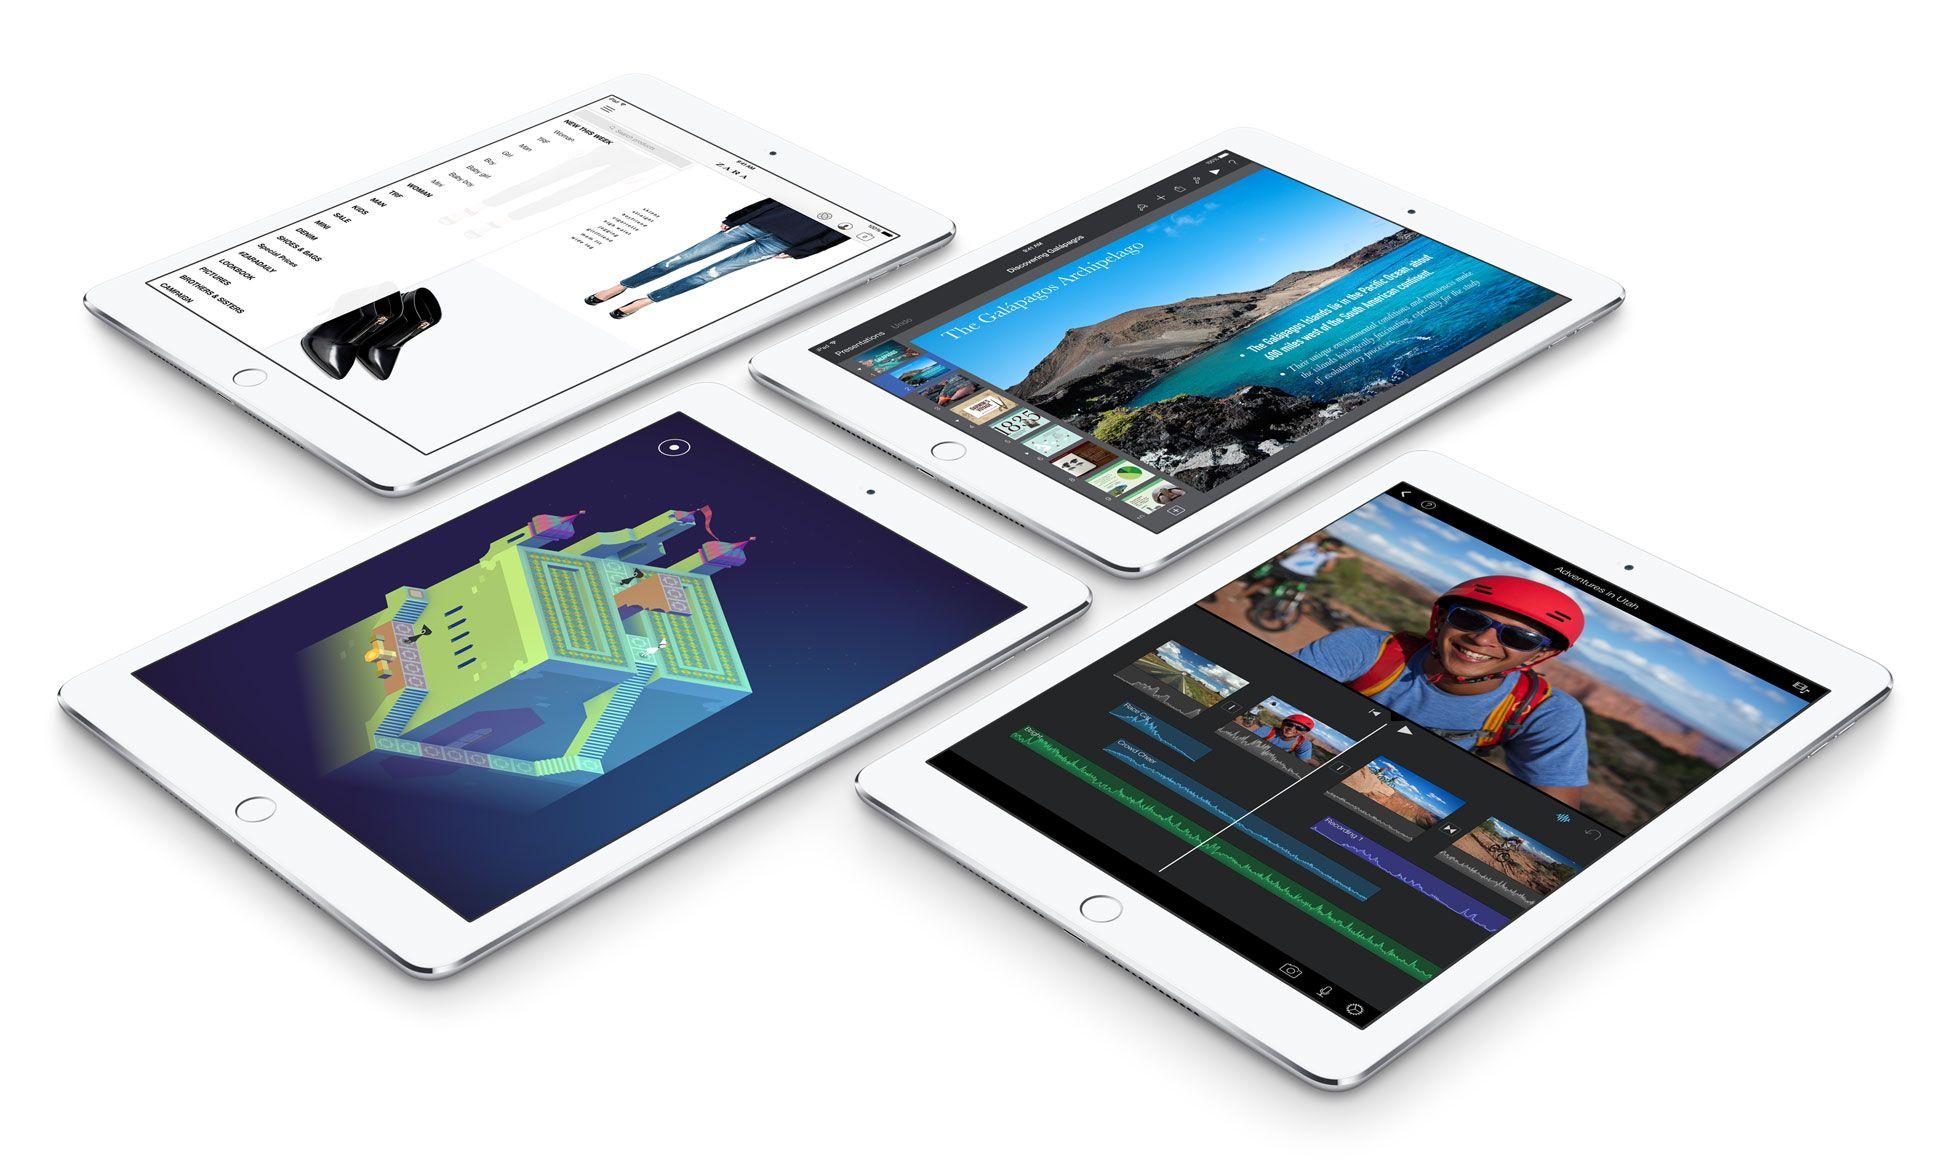 Mega Deal Apple Ipad Air 2 Tijdelijk Voor 459 Euro Ipad Pro Ipad Ipad Mini